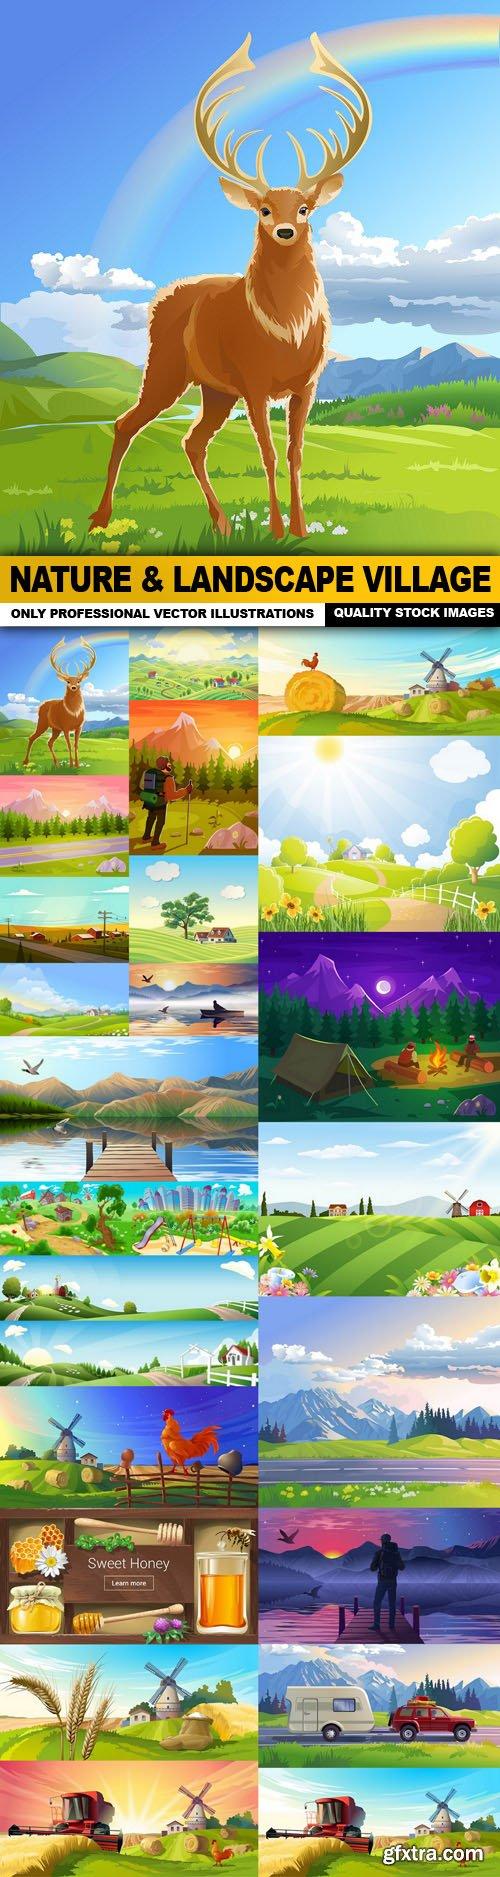 Nature & Landscape Village - 25 Vector